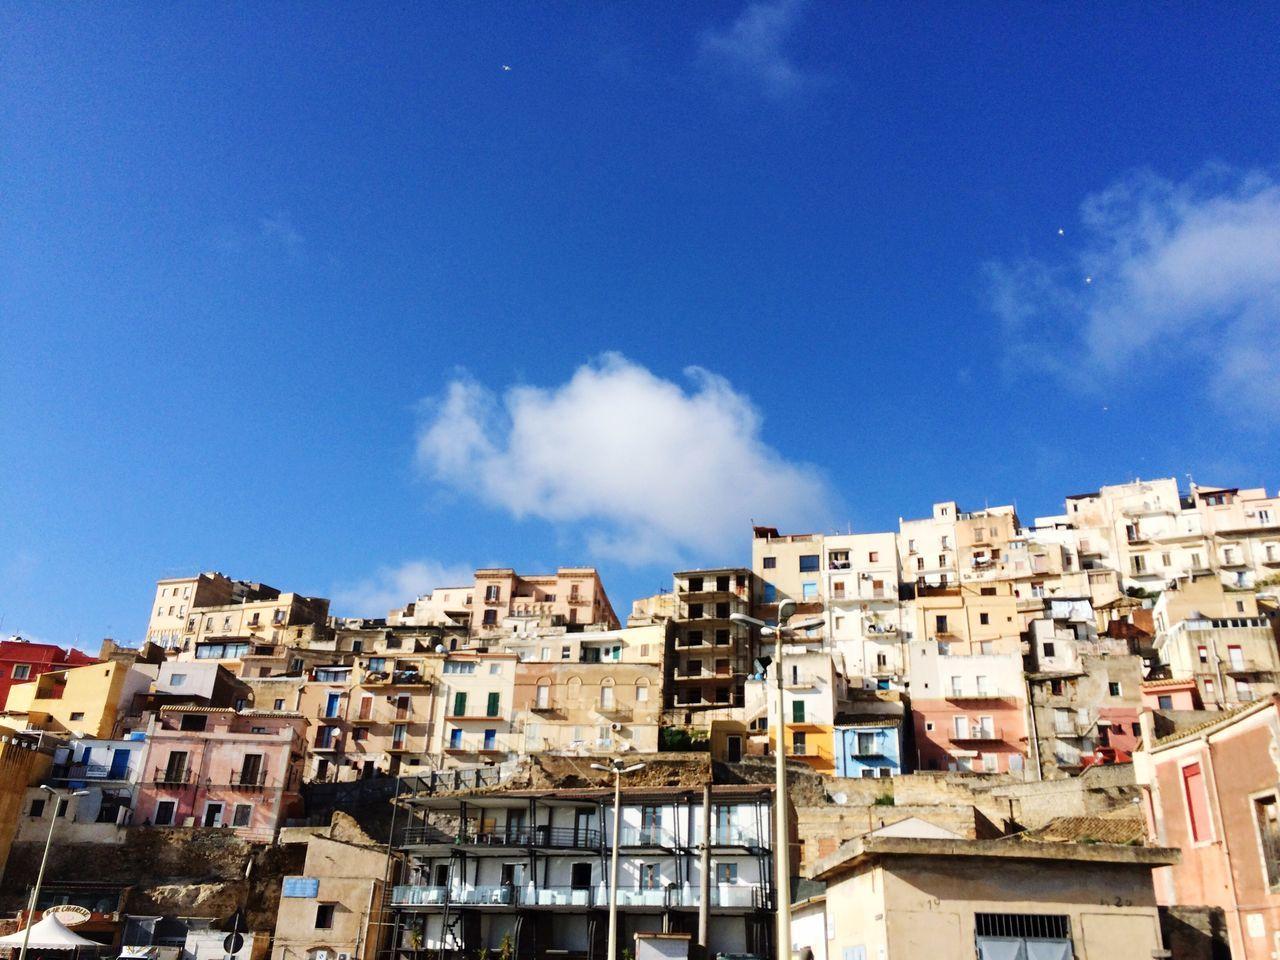 Italy Cityscapes